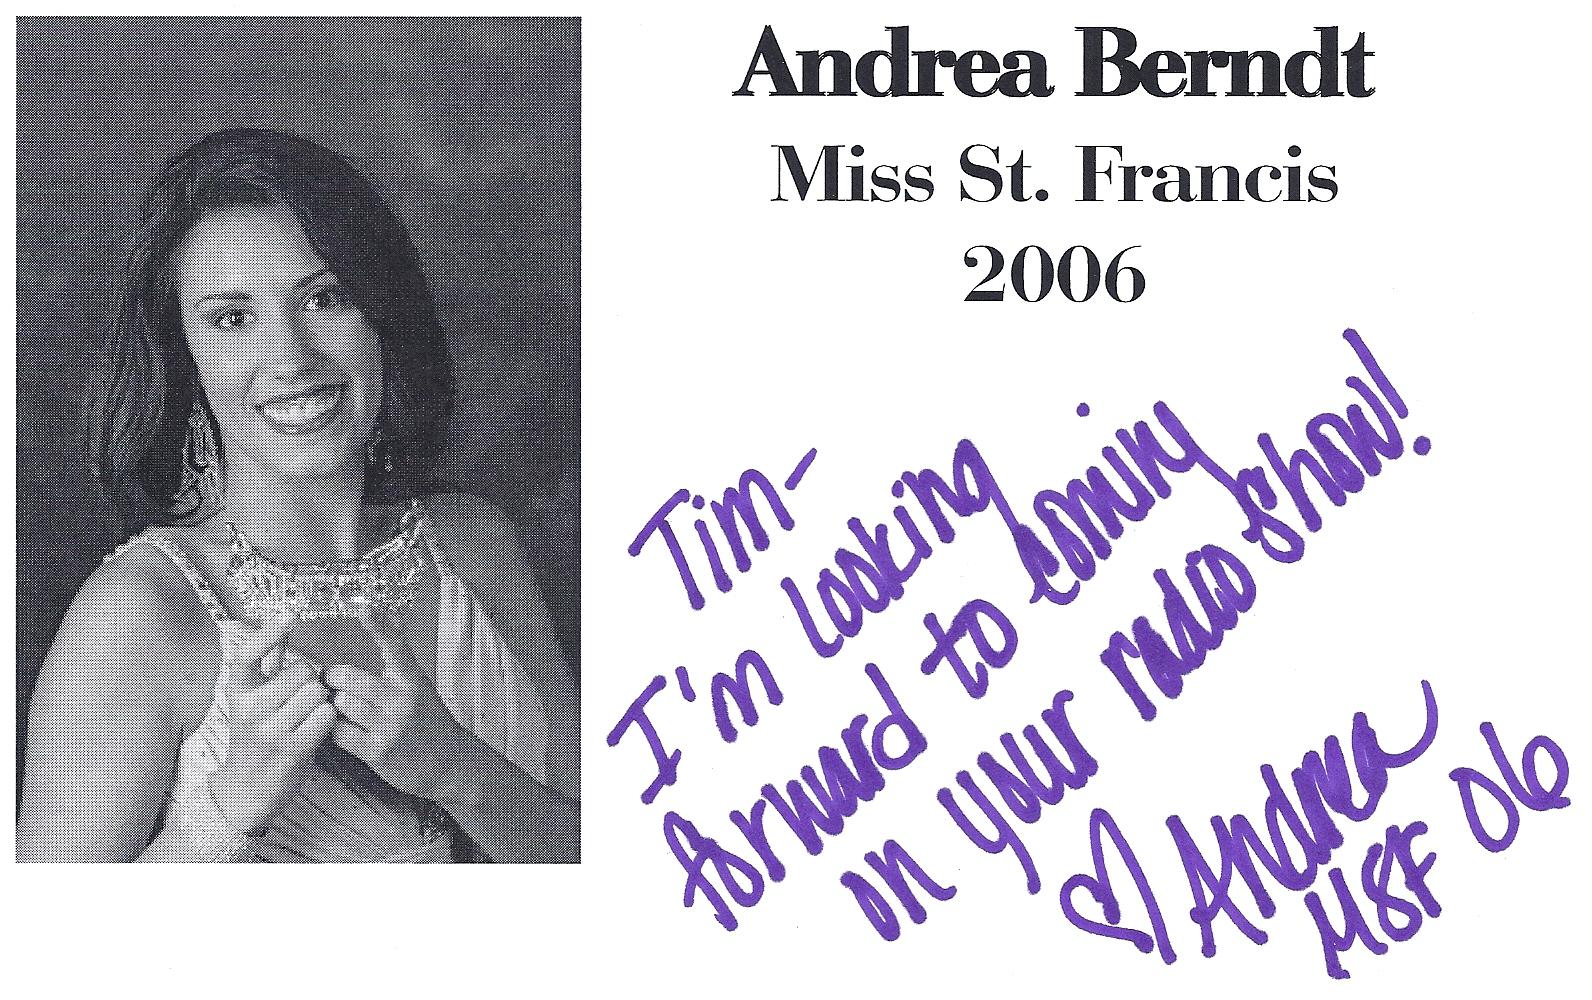 Andrea Berndt, Miss St. Francis 2006